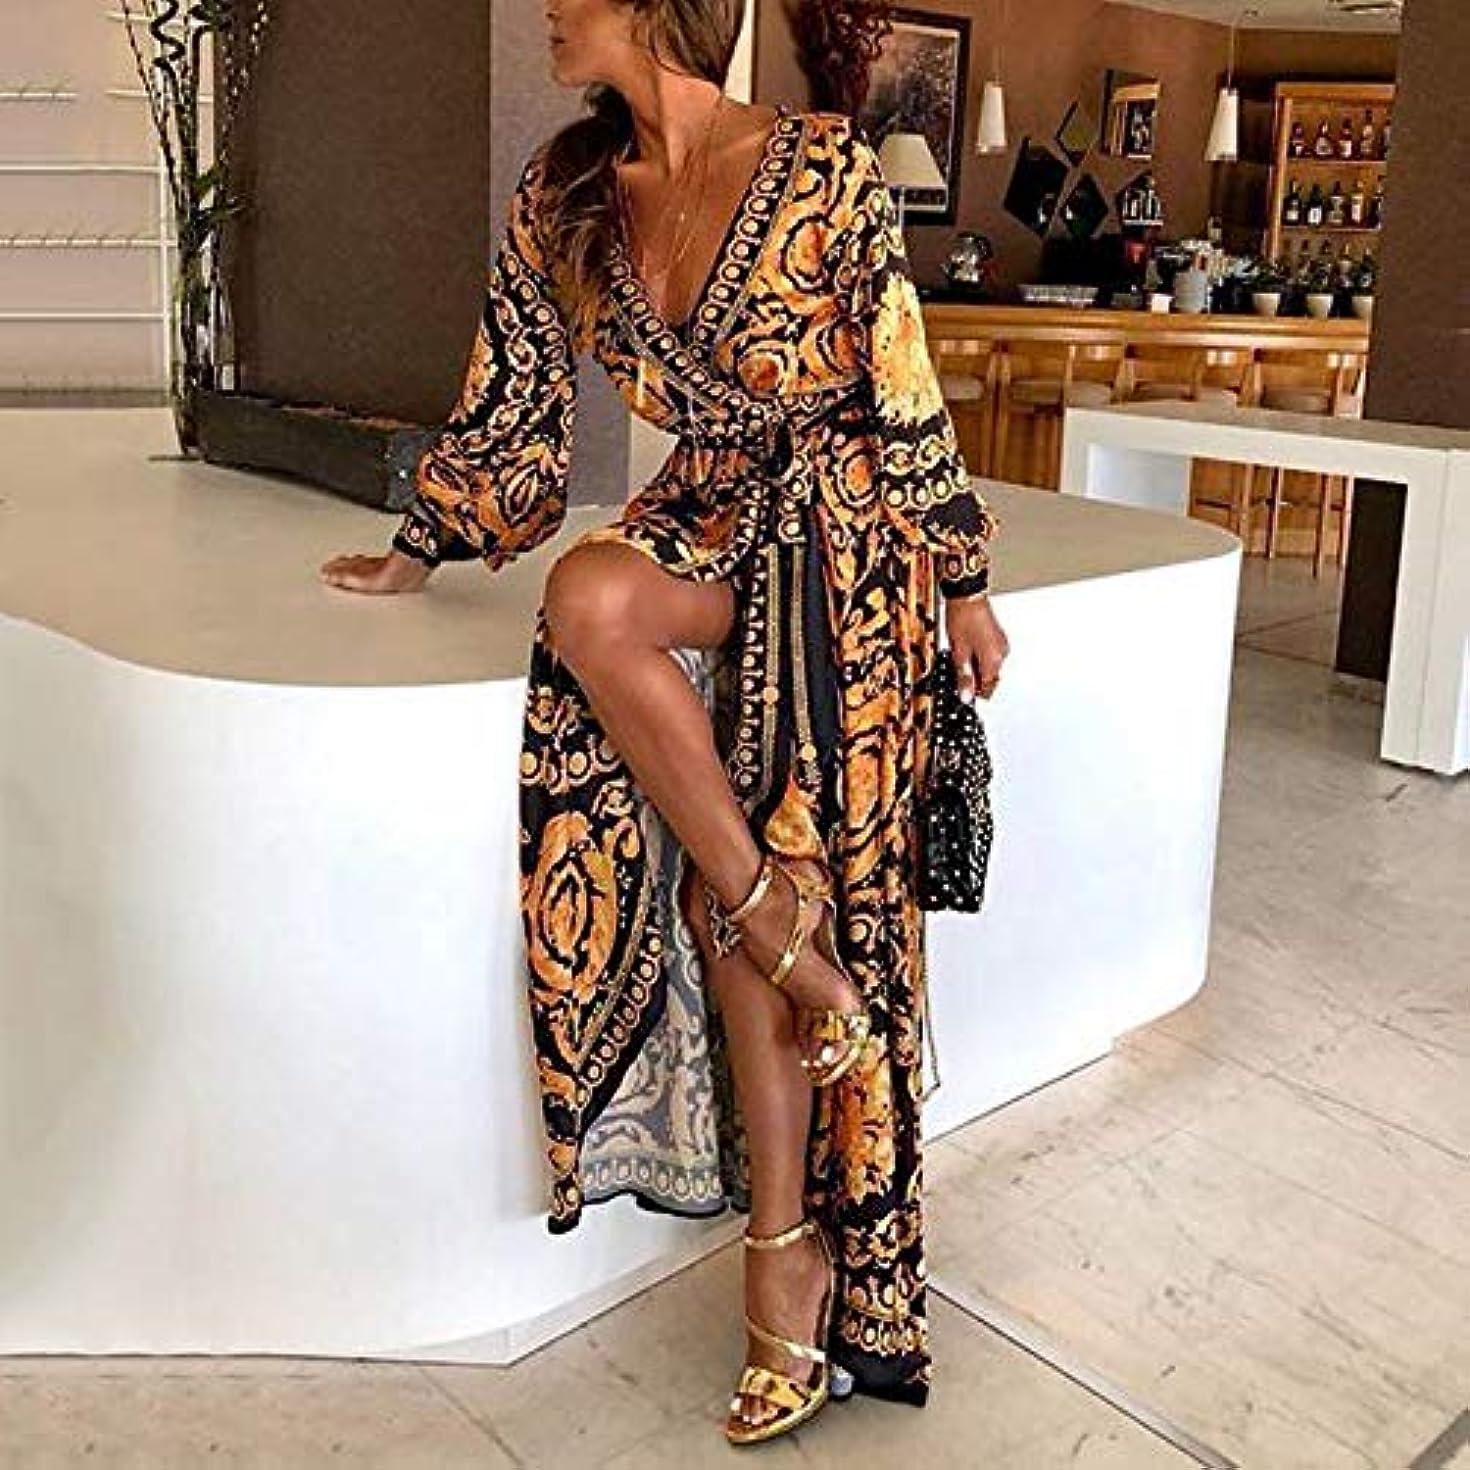 テセウス従うレトルトMaxcrestas - ファッションエレガントな女性のセクシーなボートネックグリッターディープVネックドレスパーティーフォーマルロングドレスを印刷